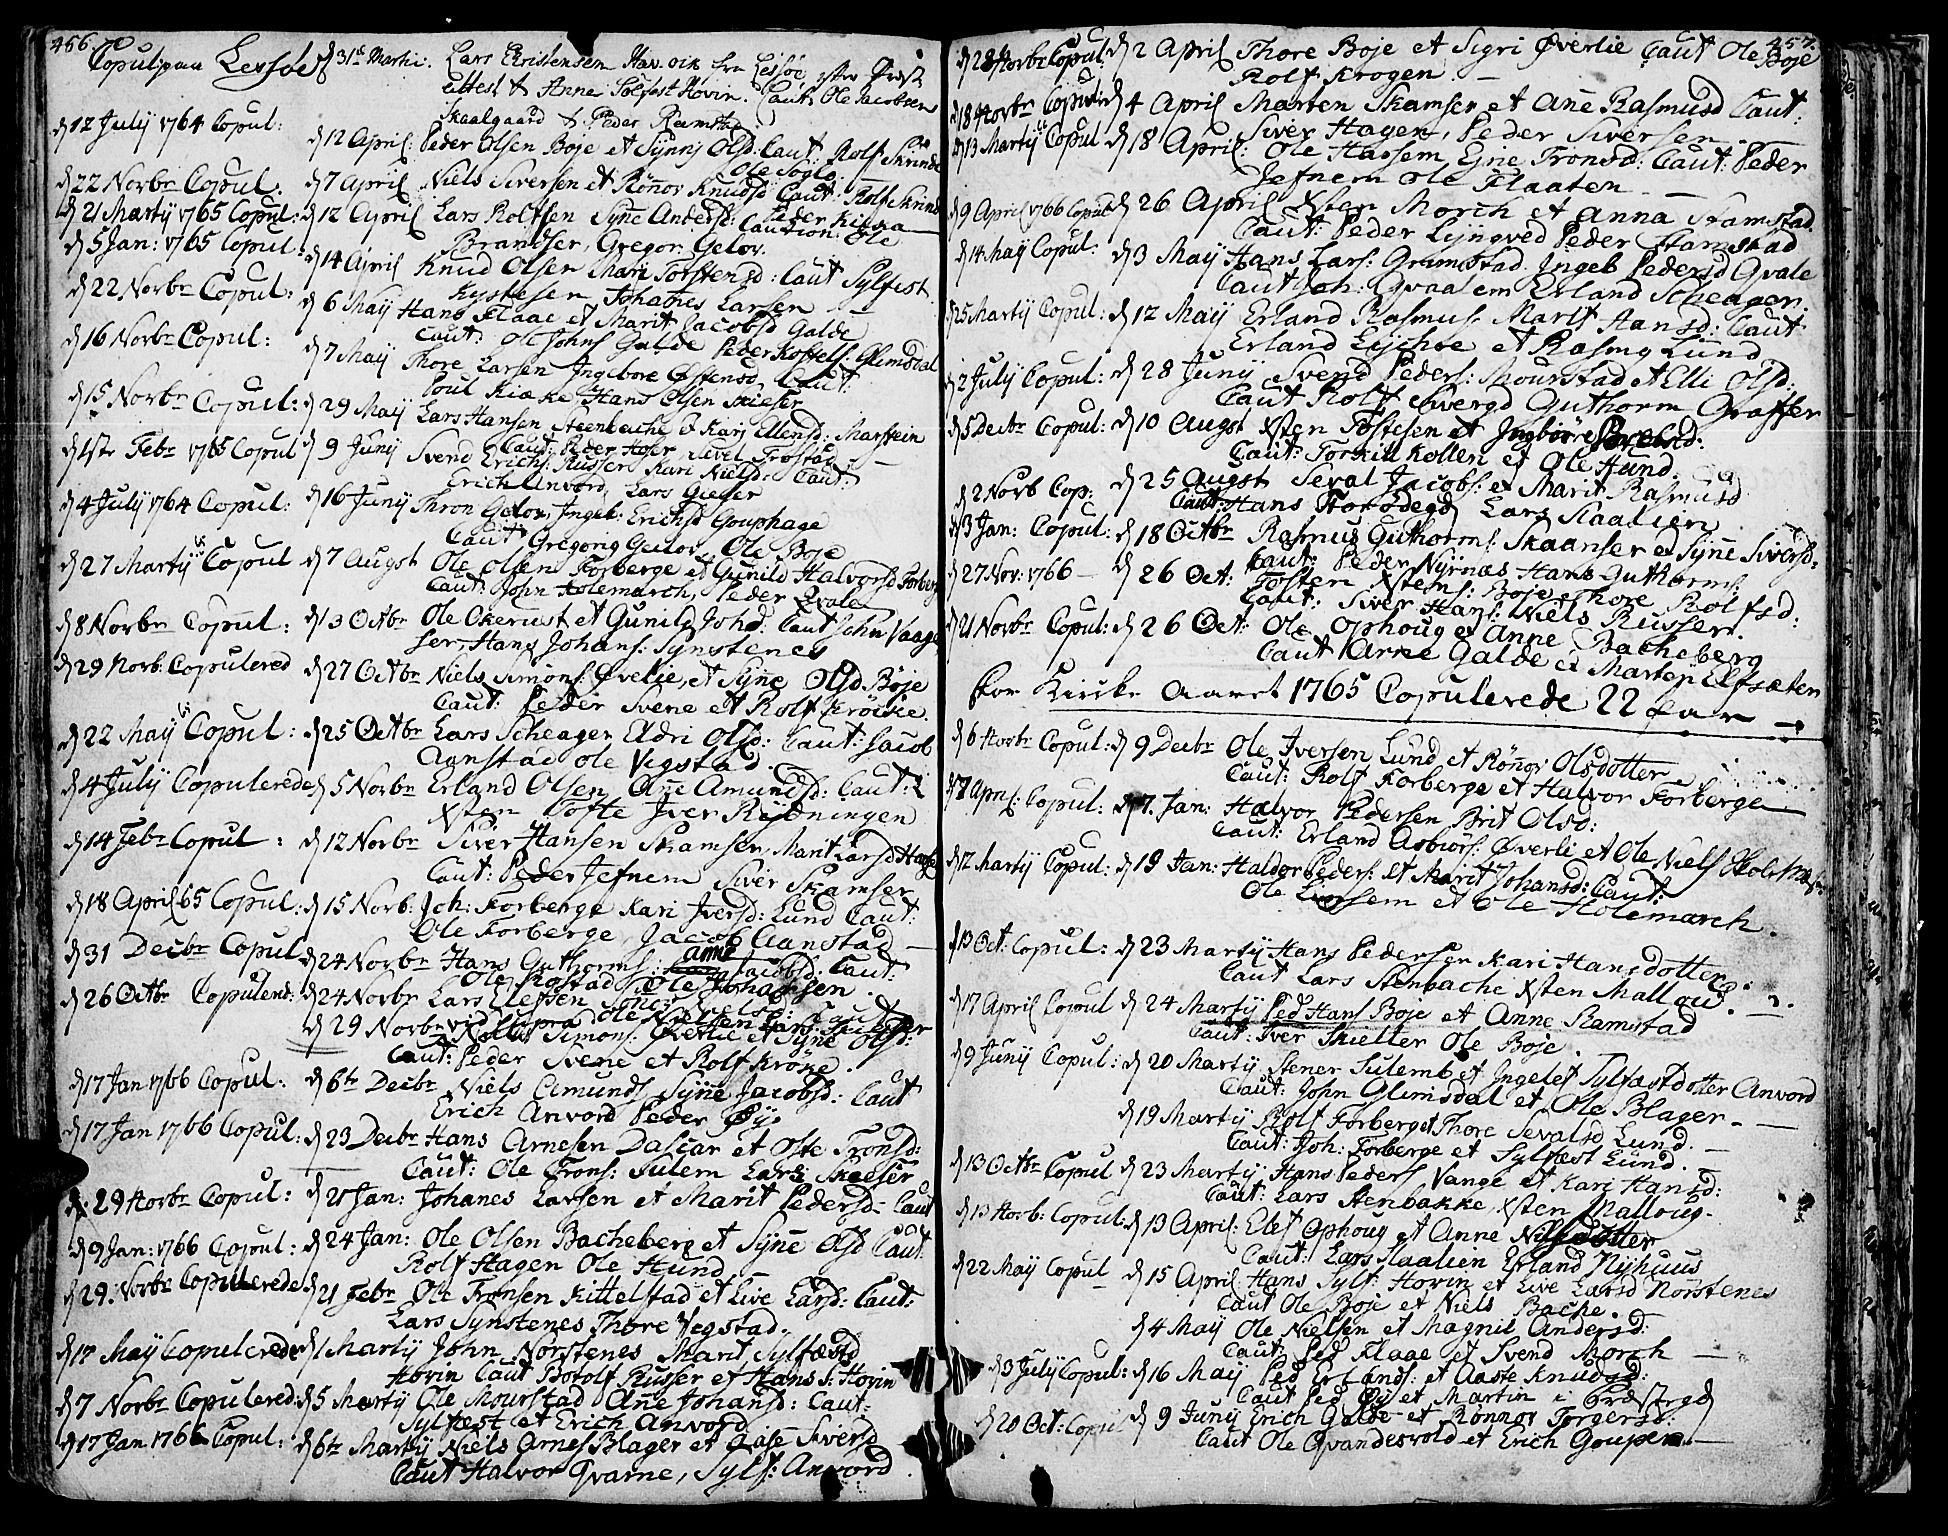 SAH, Lom prestekontor, K/L0002: Ministerialbok nr. 2, 1749-1801, s. 456-457